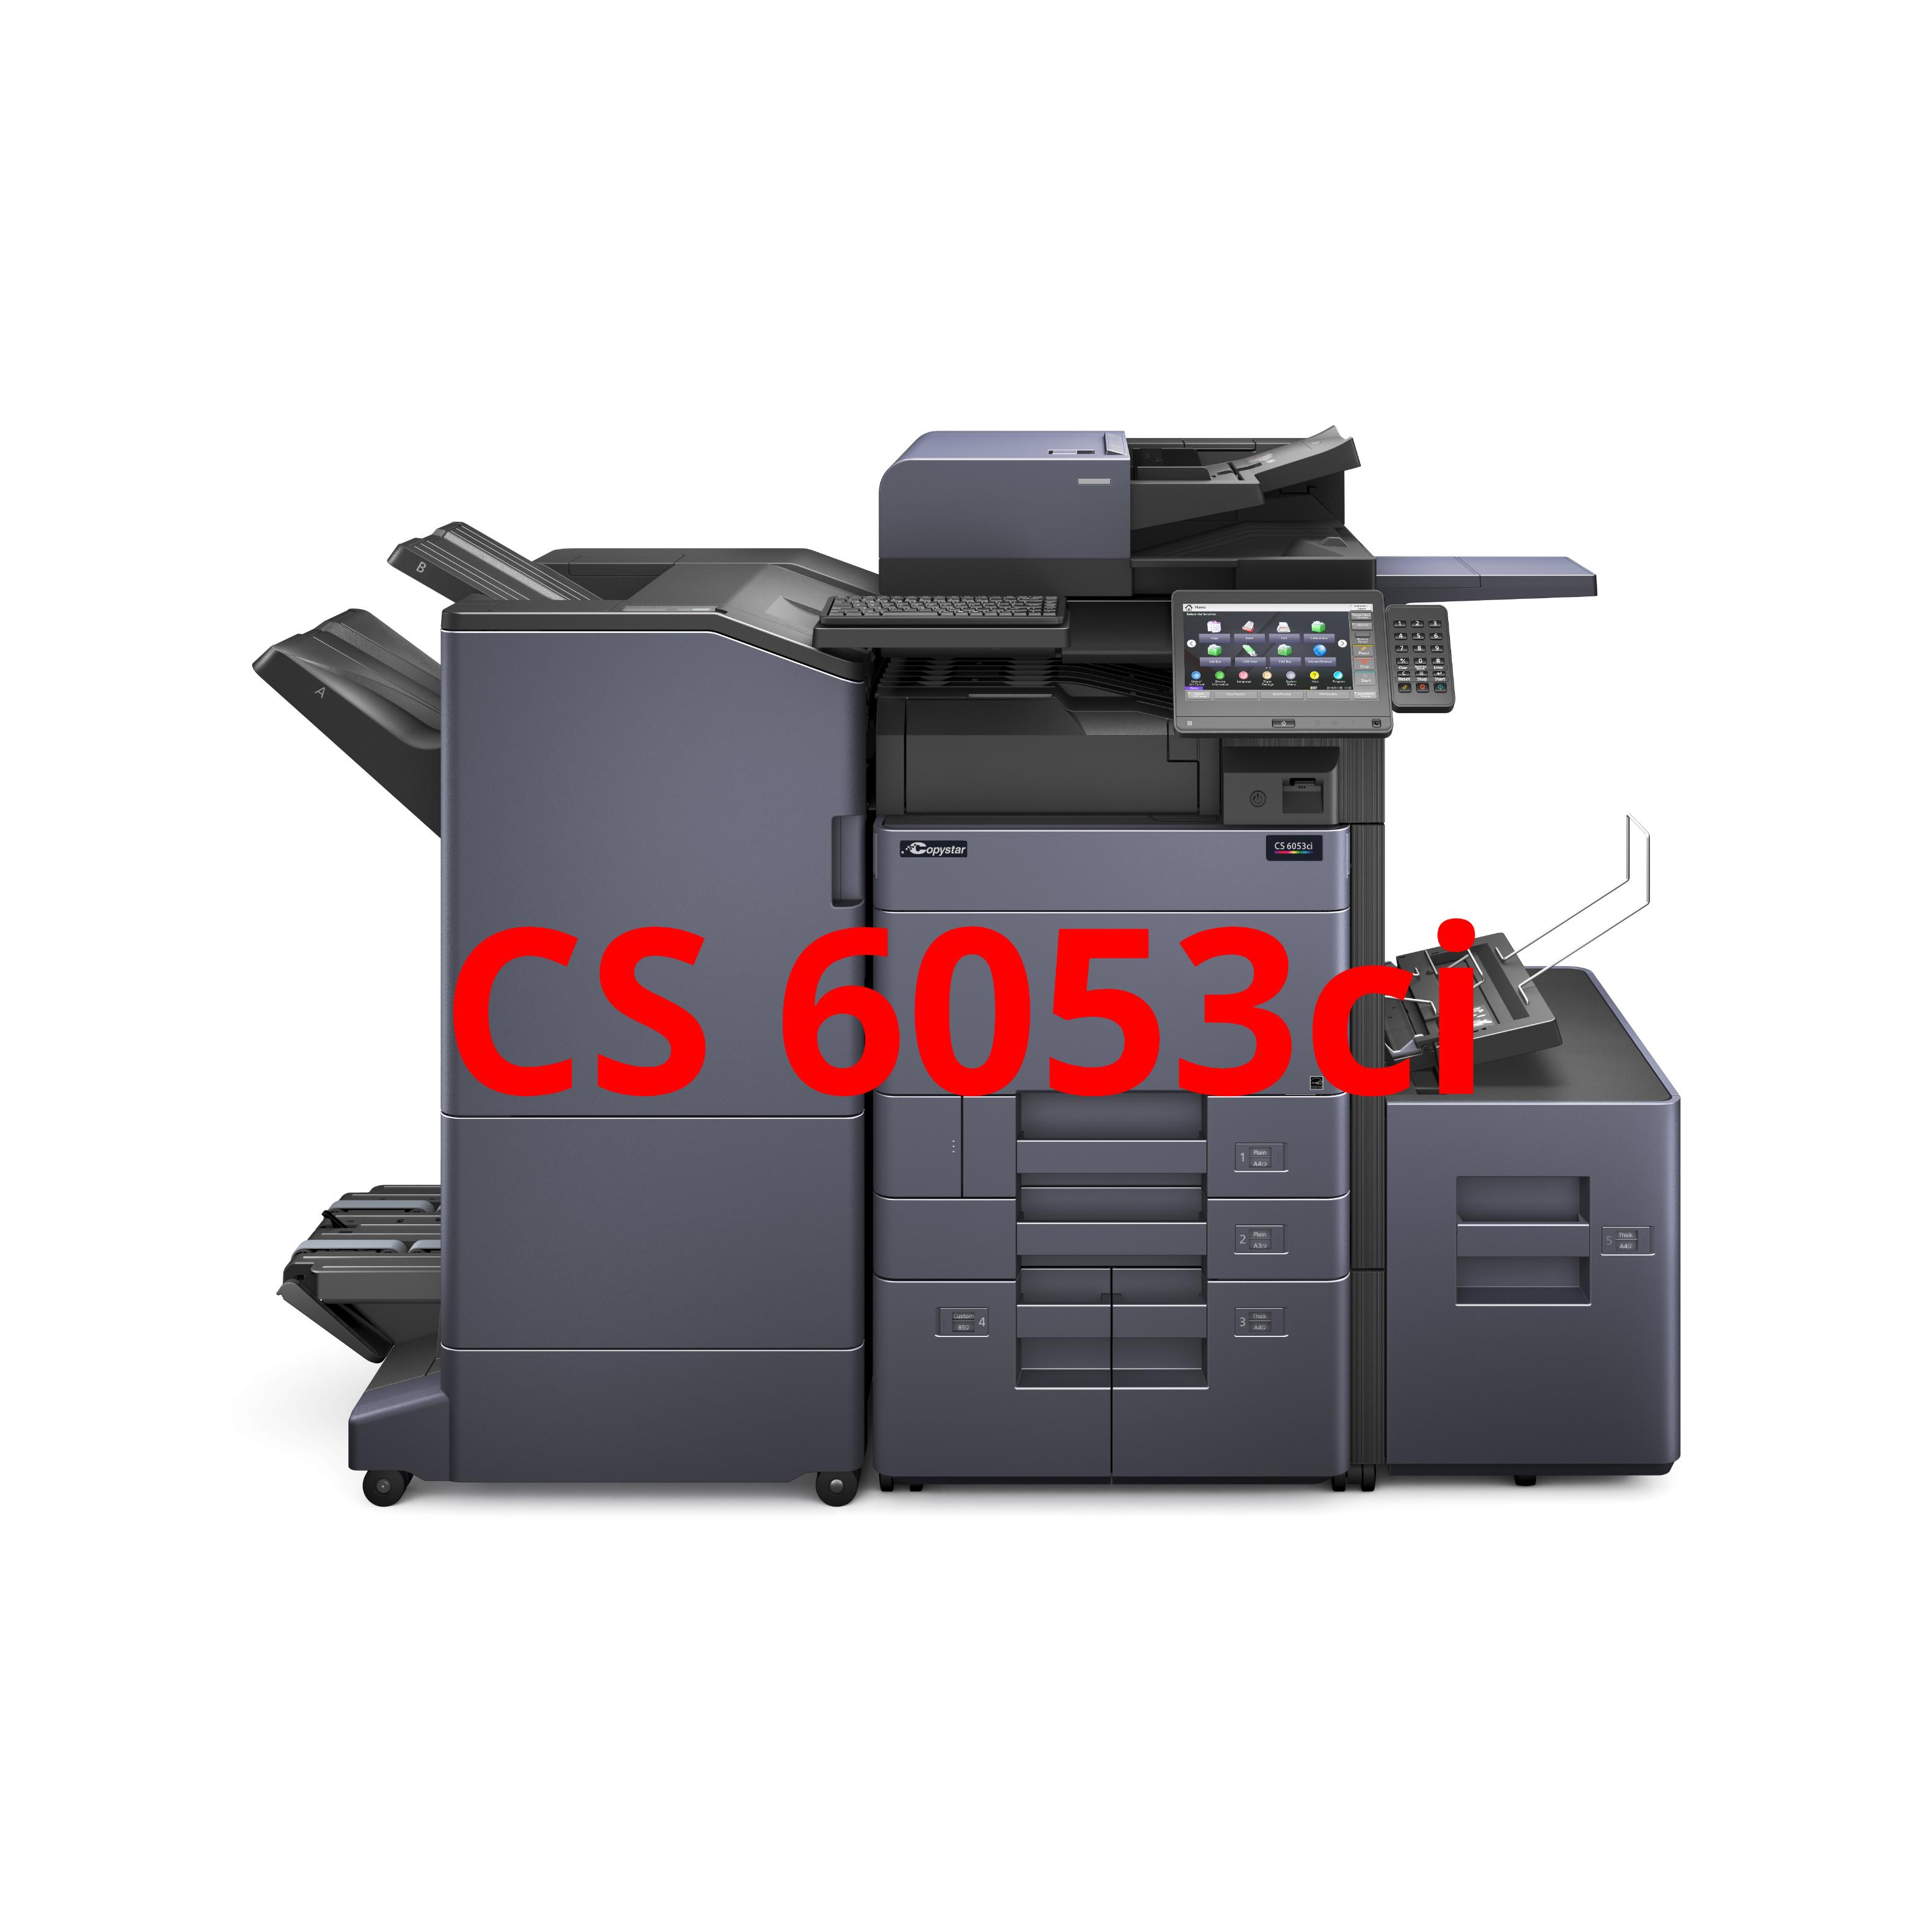 https://0201.nccdn.net/4_2/000/000/019/c2c/CS_6053ci_Image1-3162x3162.jpg